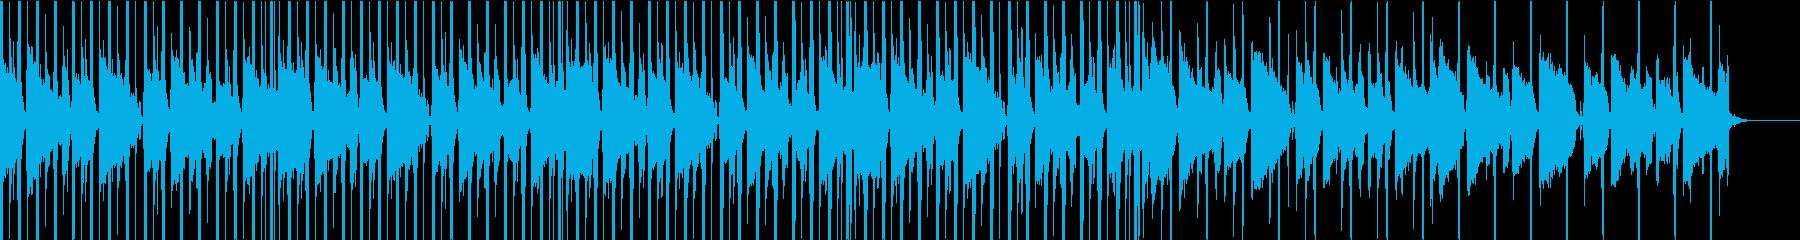 前向きでメロウなギター・頑張る人へ映像bの再生済みの波形